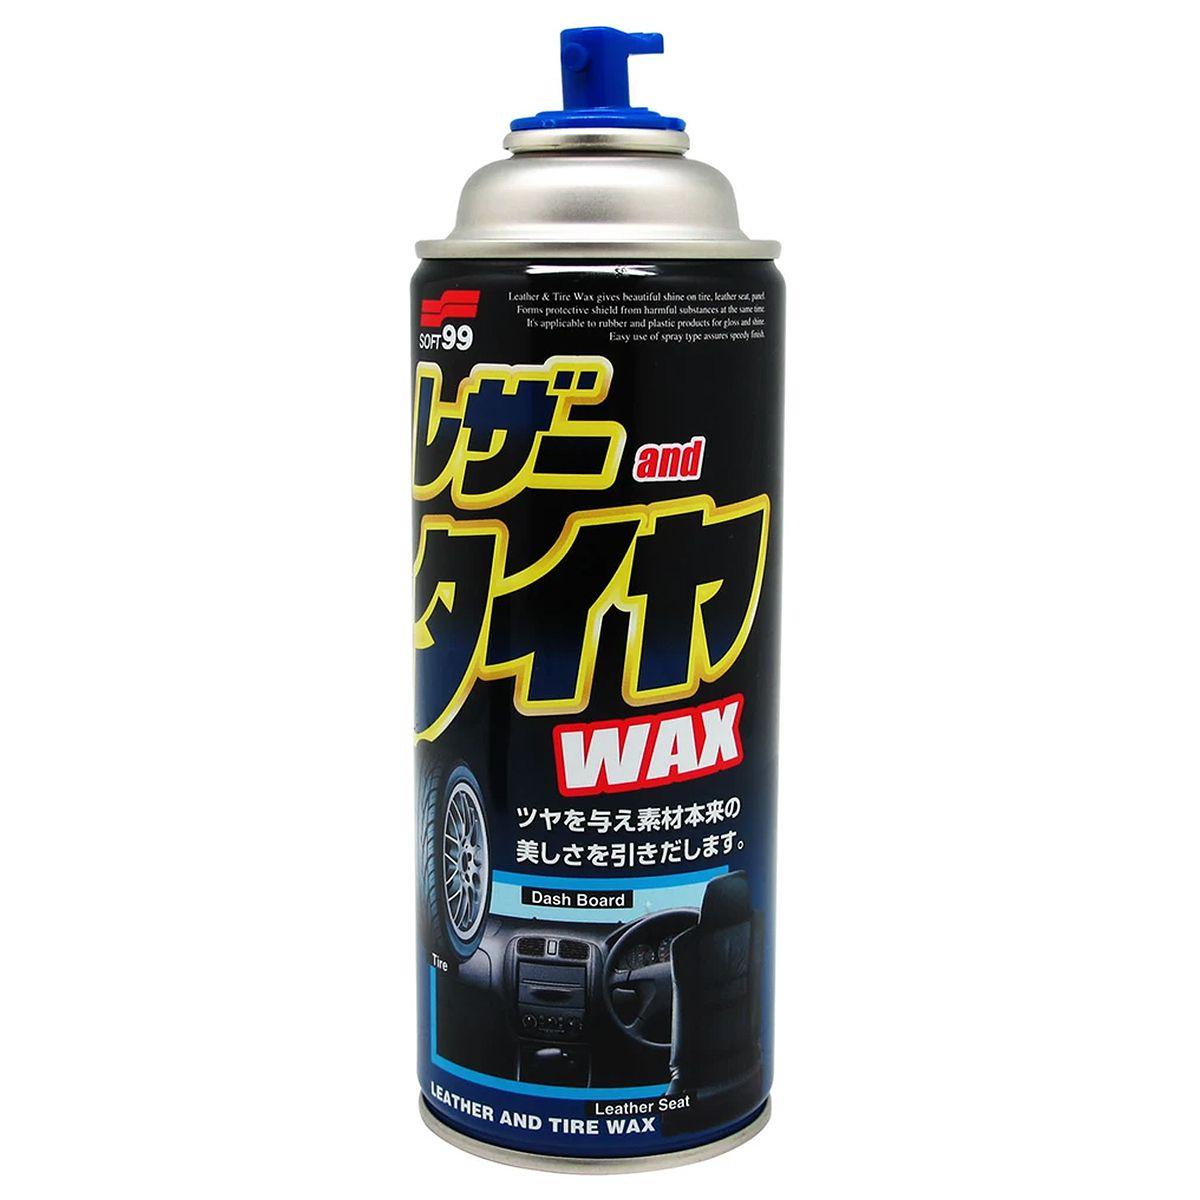 Revitalizador e Protetor de Plásticos e Borrachas Leather e Tire Wax Aerossol 420ml Soft99